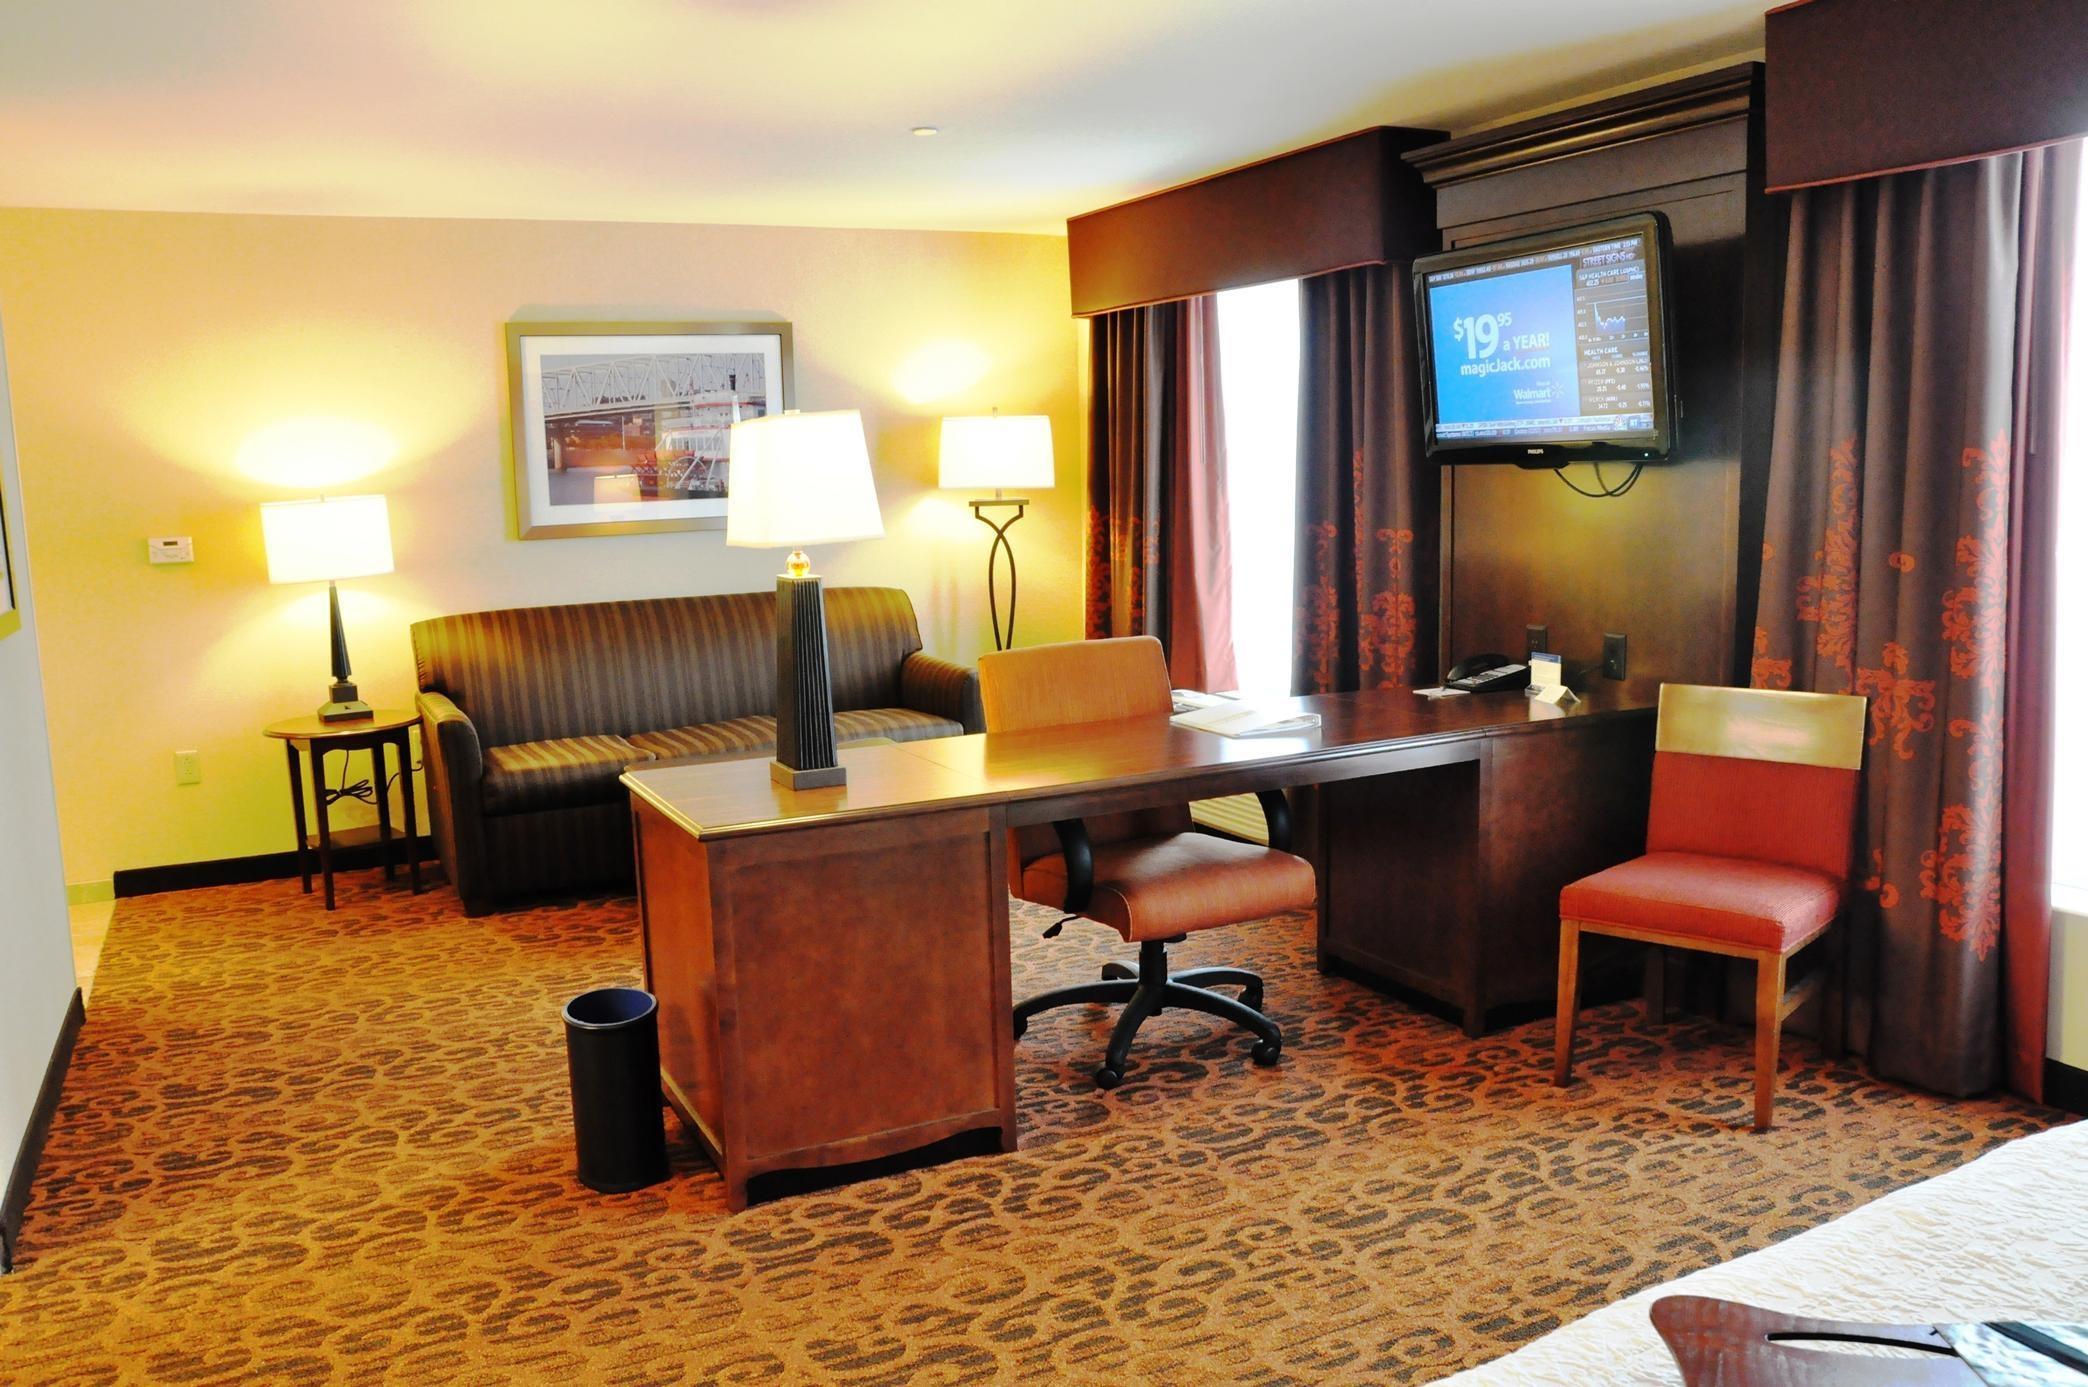 Hampton Inn & Suites Cincinnati/Uptown-University Area image 19